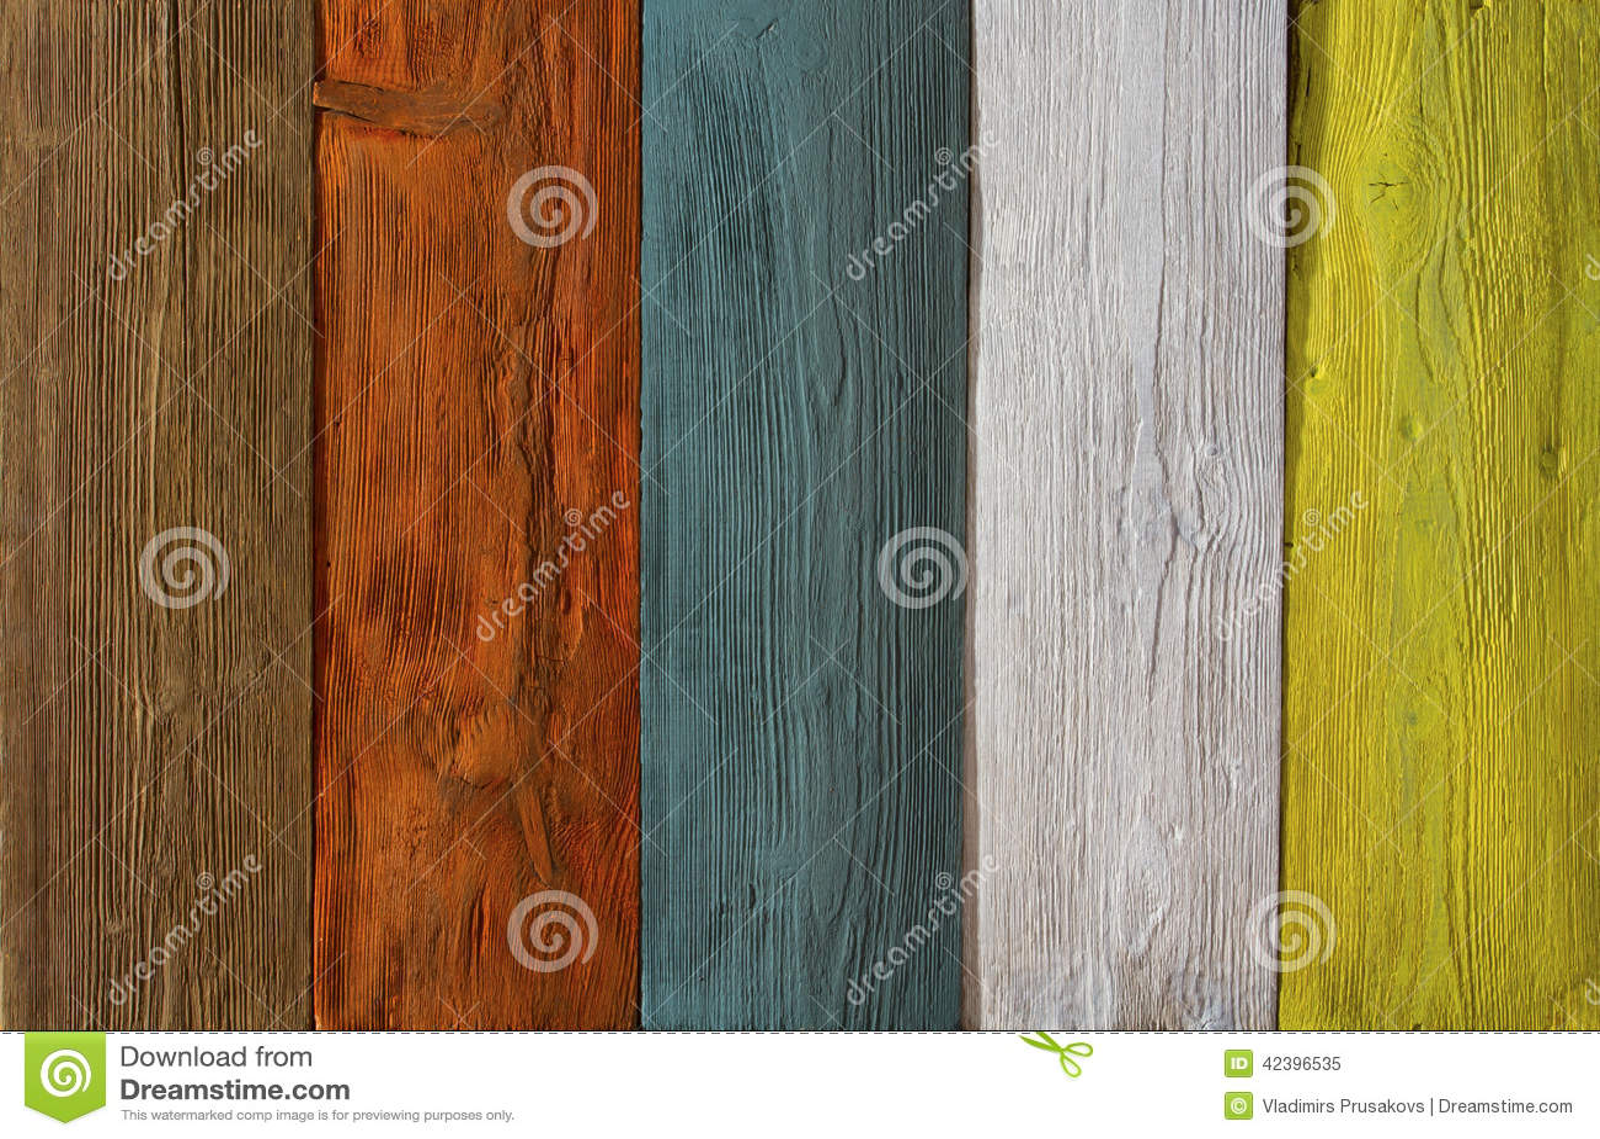 Houten plank gekleurde textuurachtergrond geschilderde houten vloer